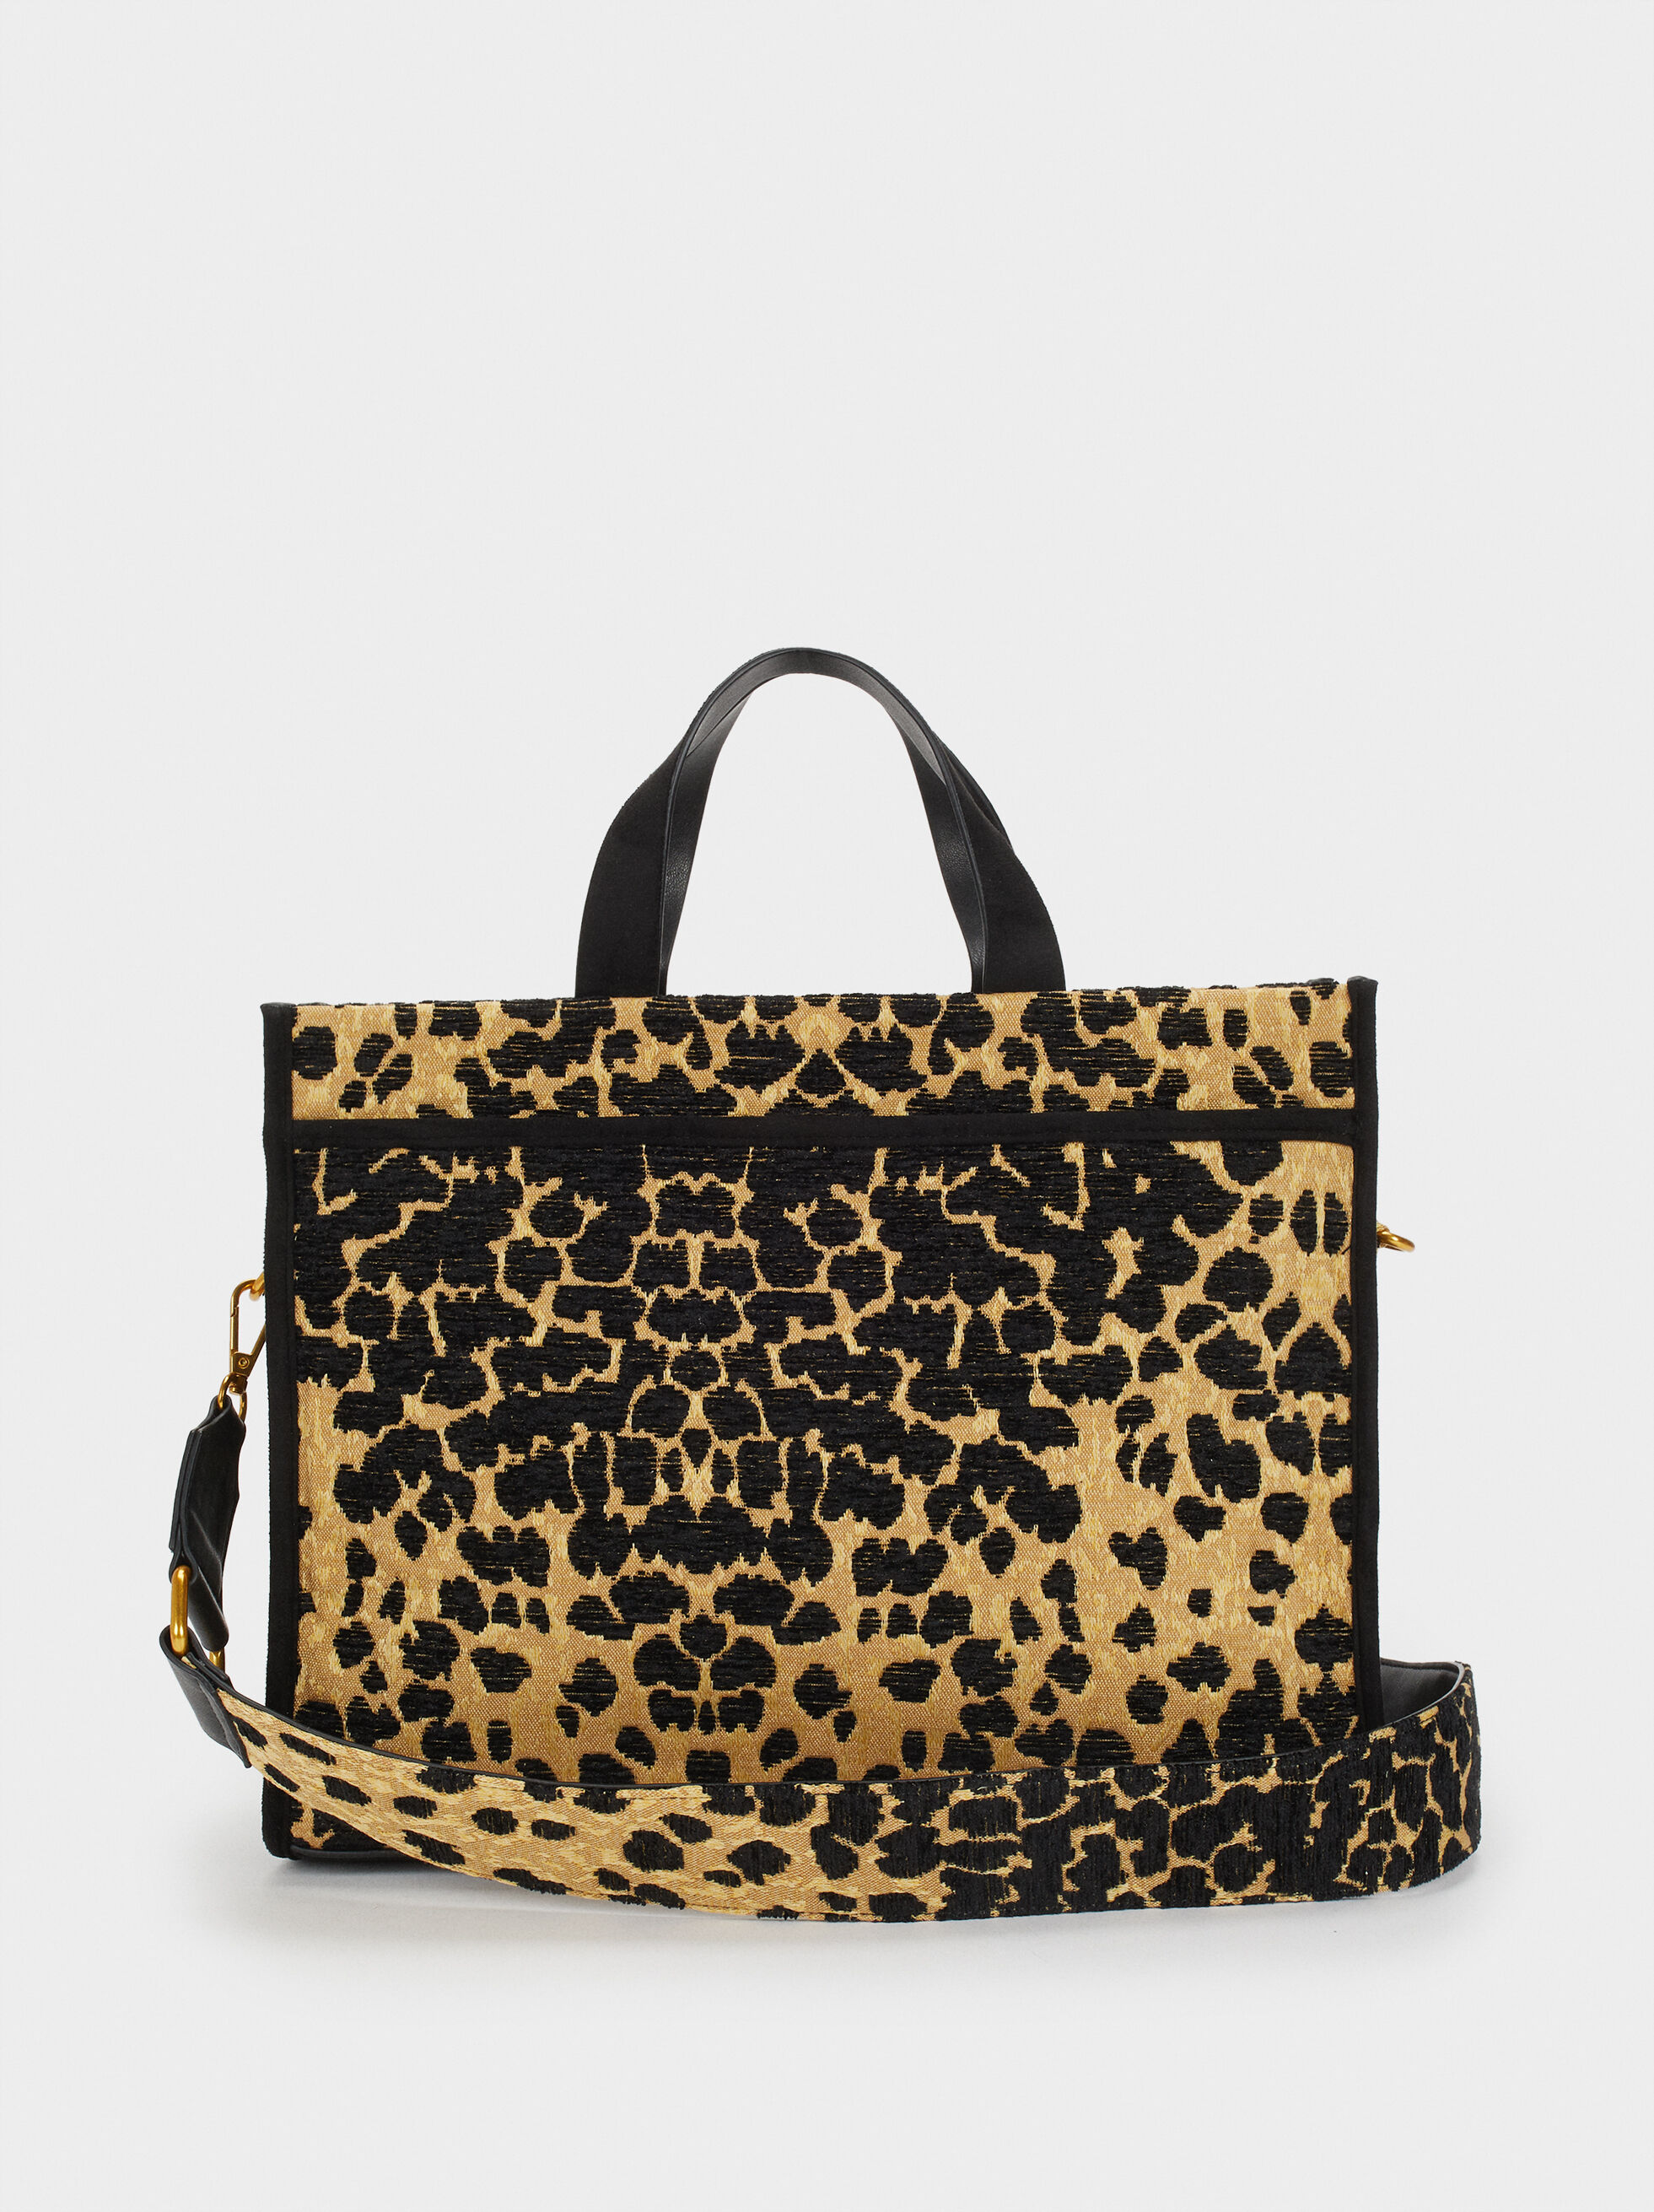 Animal Print Tote Bag, Black, hi-res